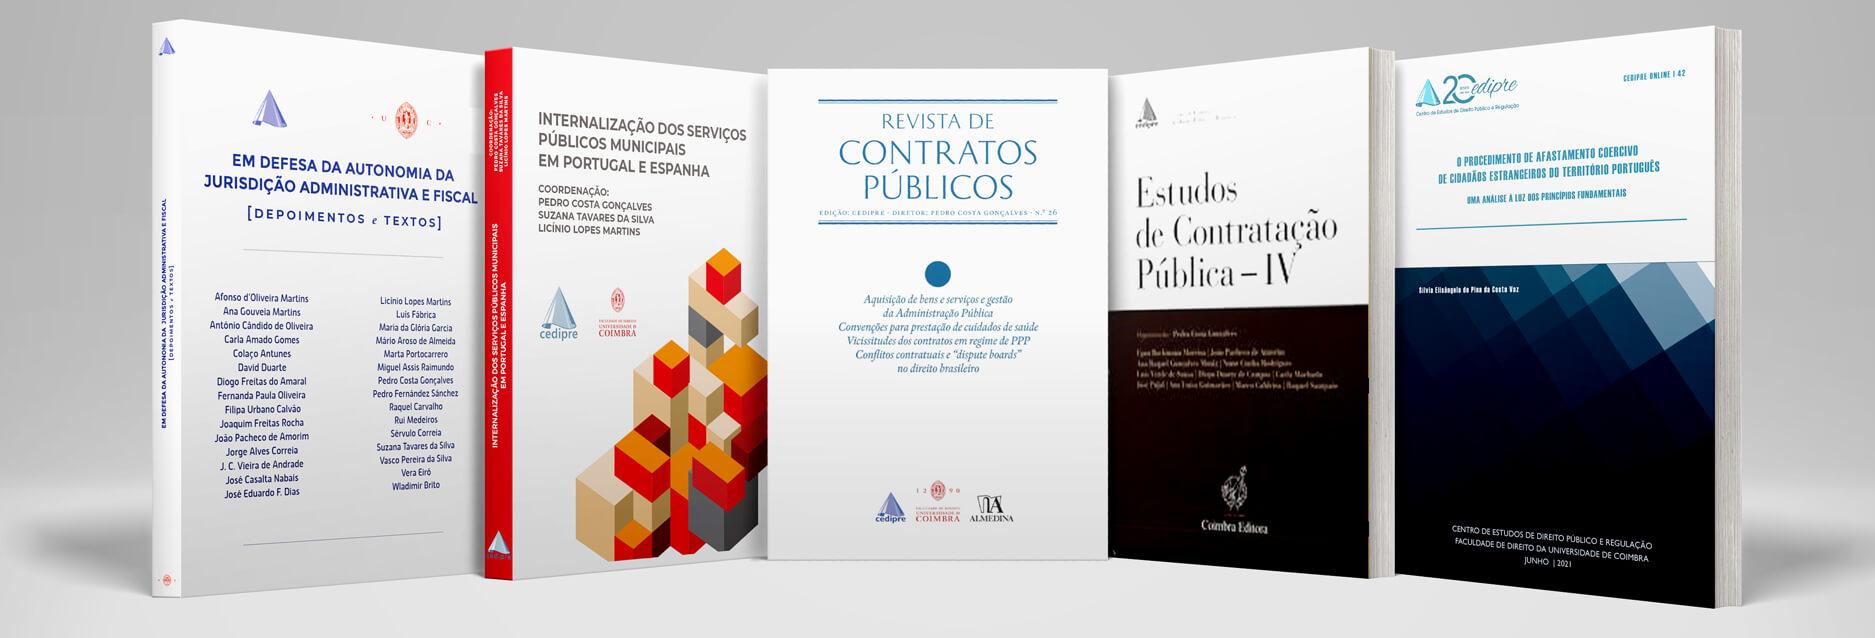 Publicações CEDIPRE